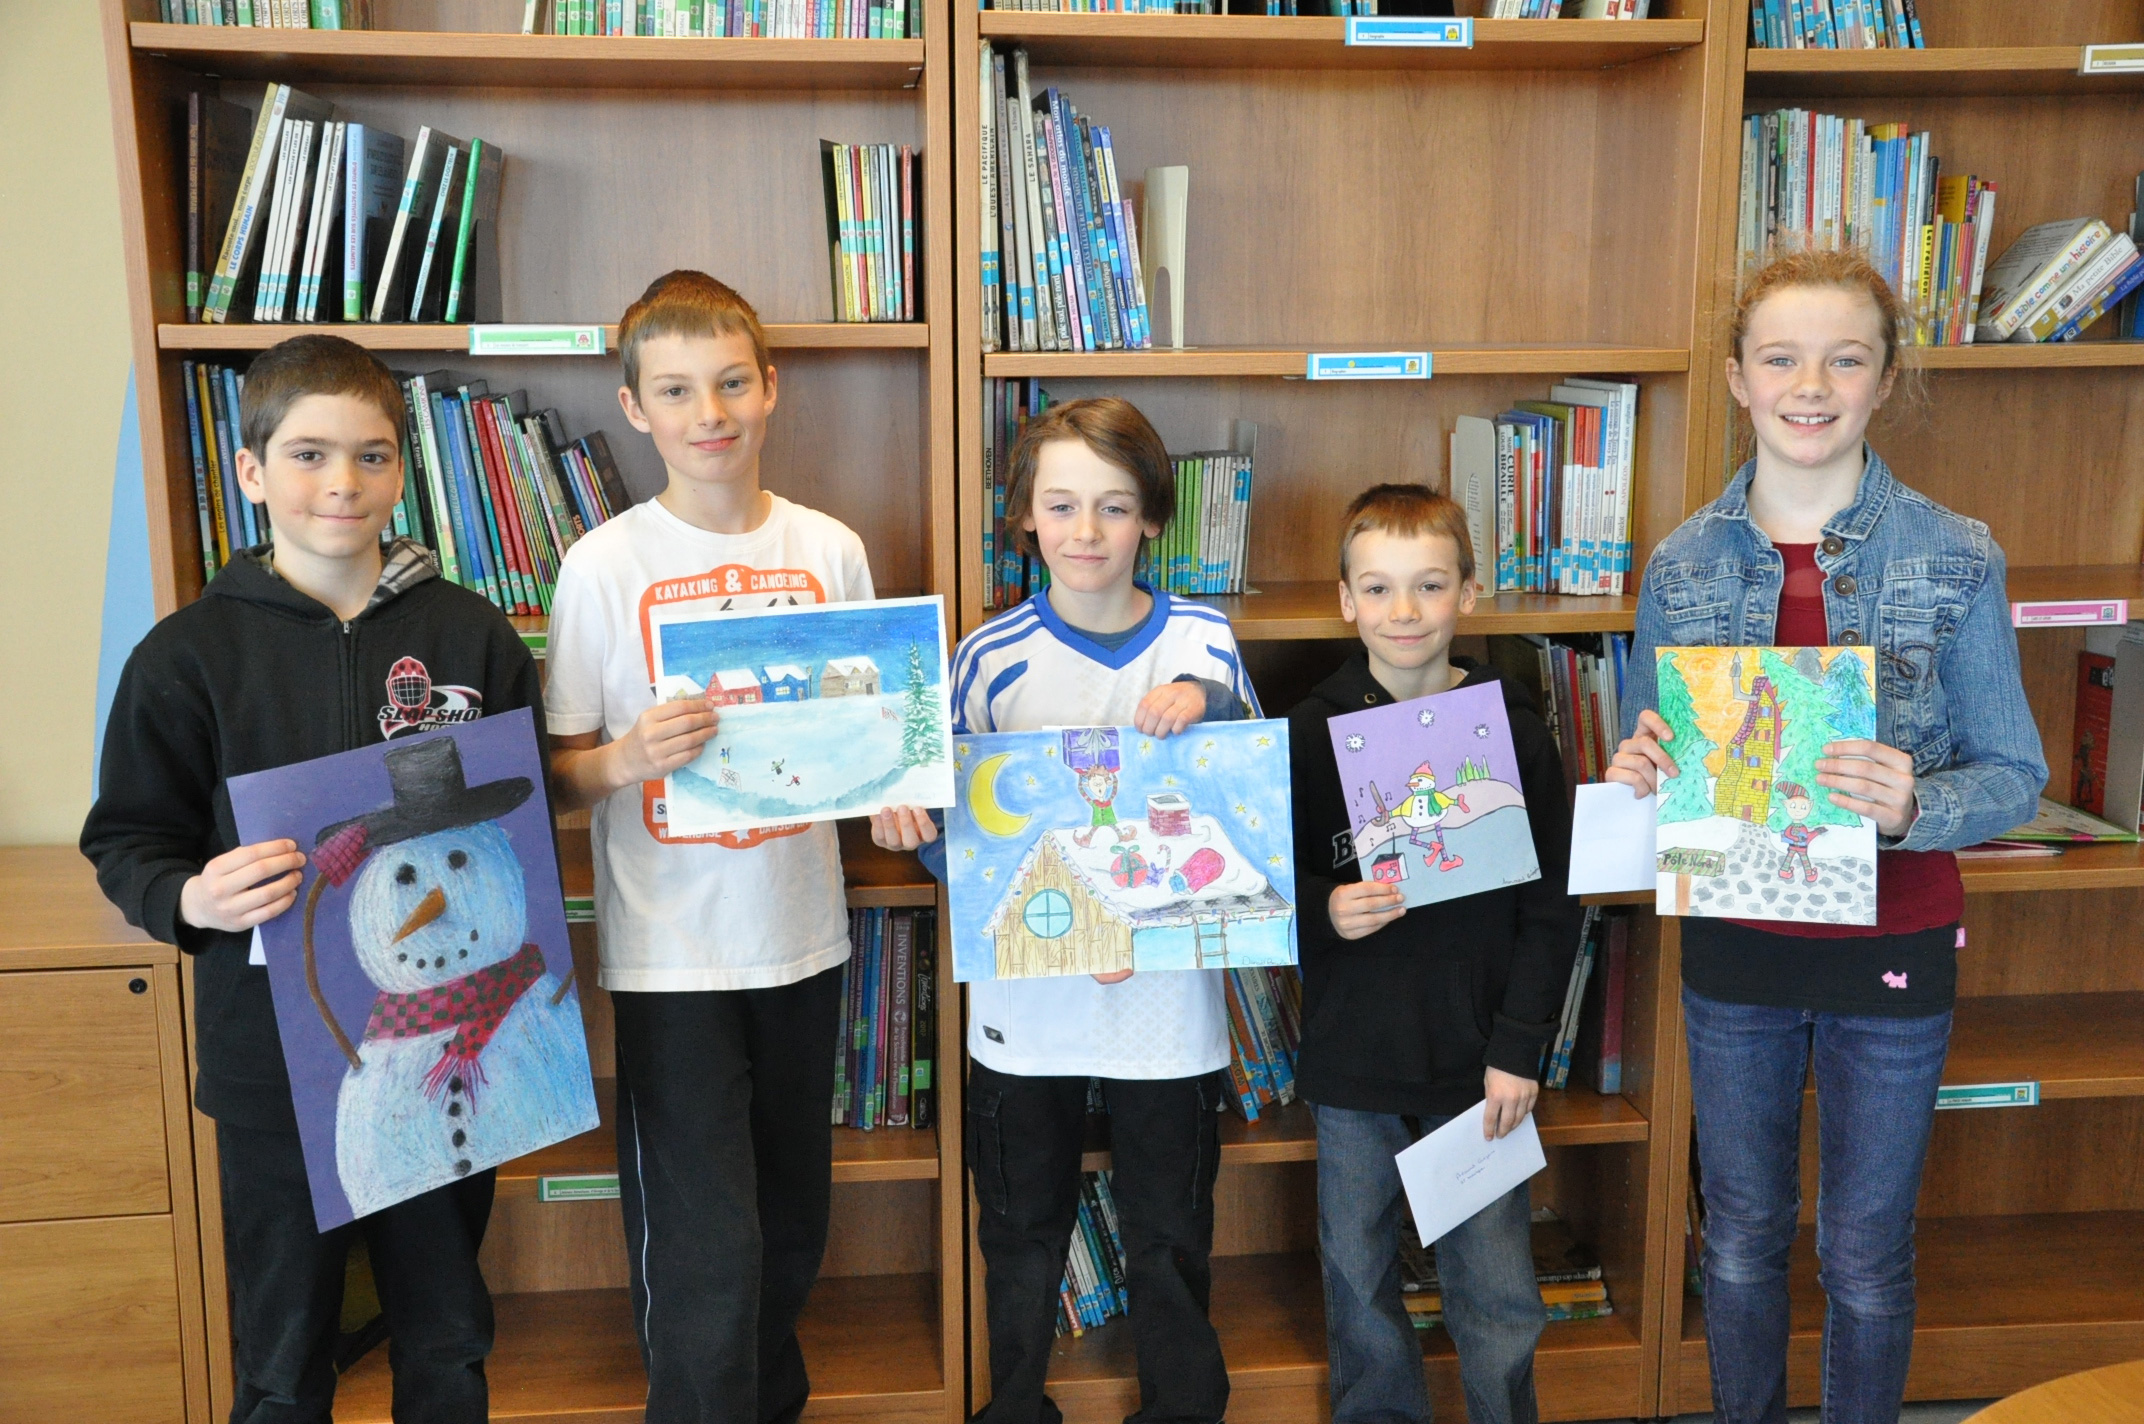 Félicitations aux gagnants du concours d'oeuvres d'art pour les cartes de voeux 2014